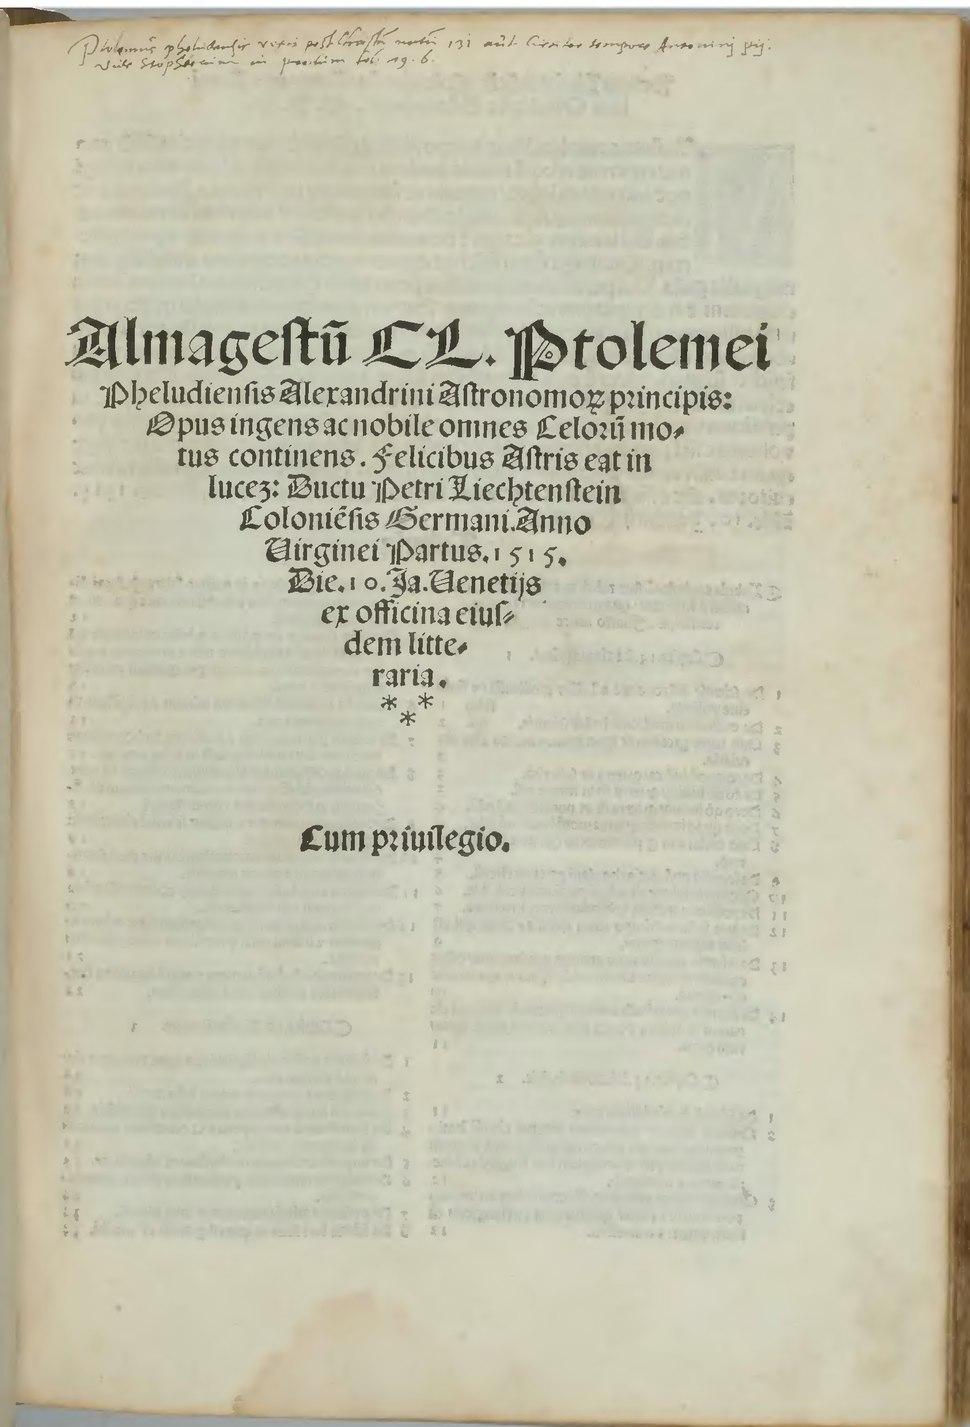 Claudius Ptolemaeus, Almagestum, 1515.djvu&page=2